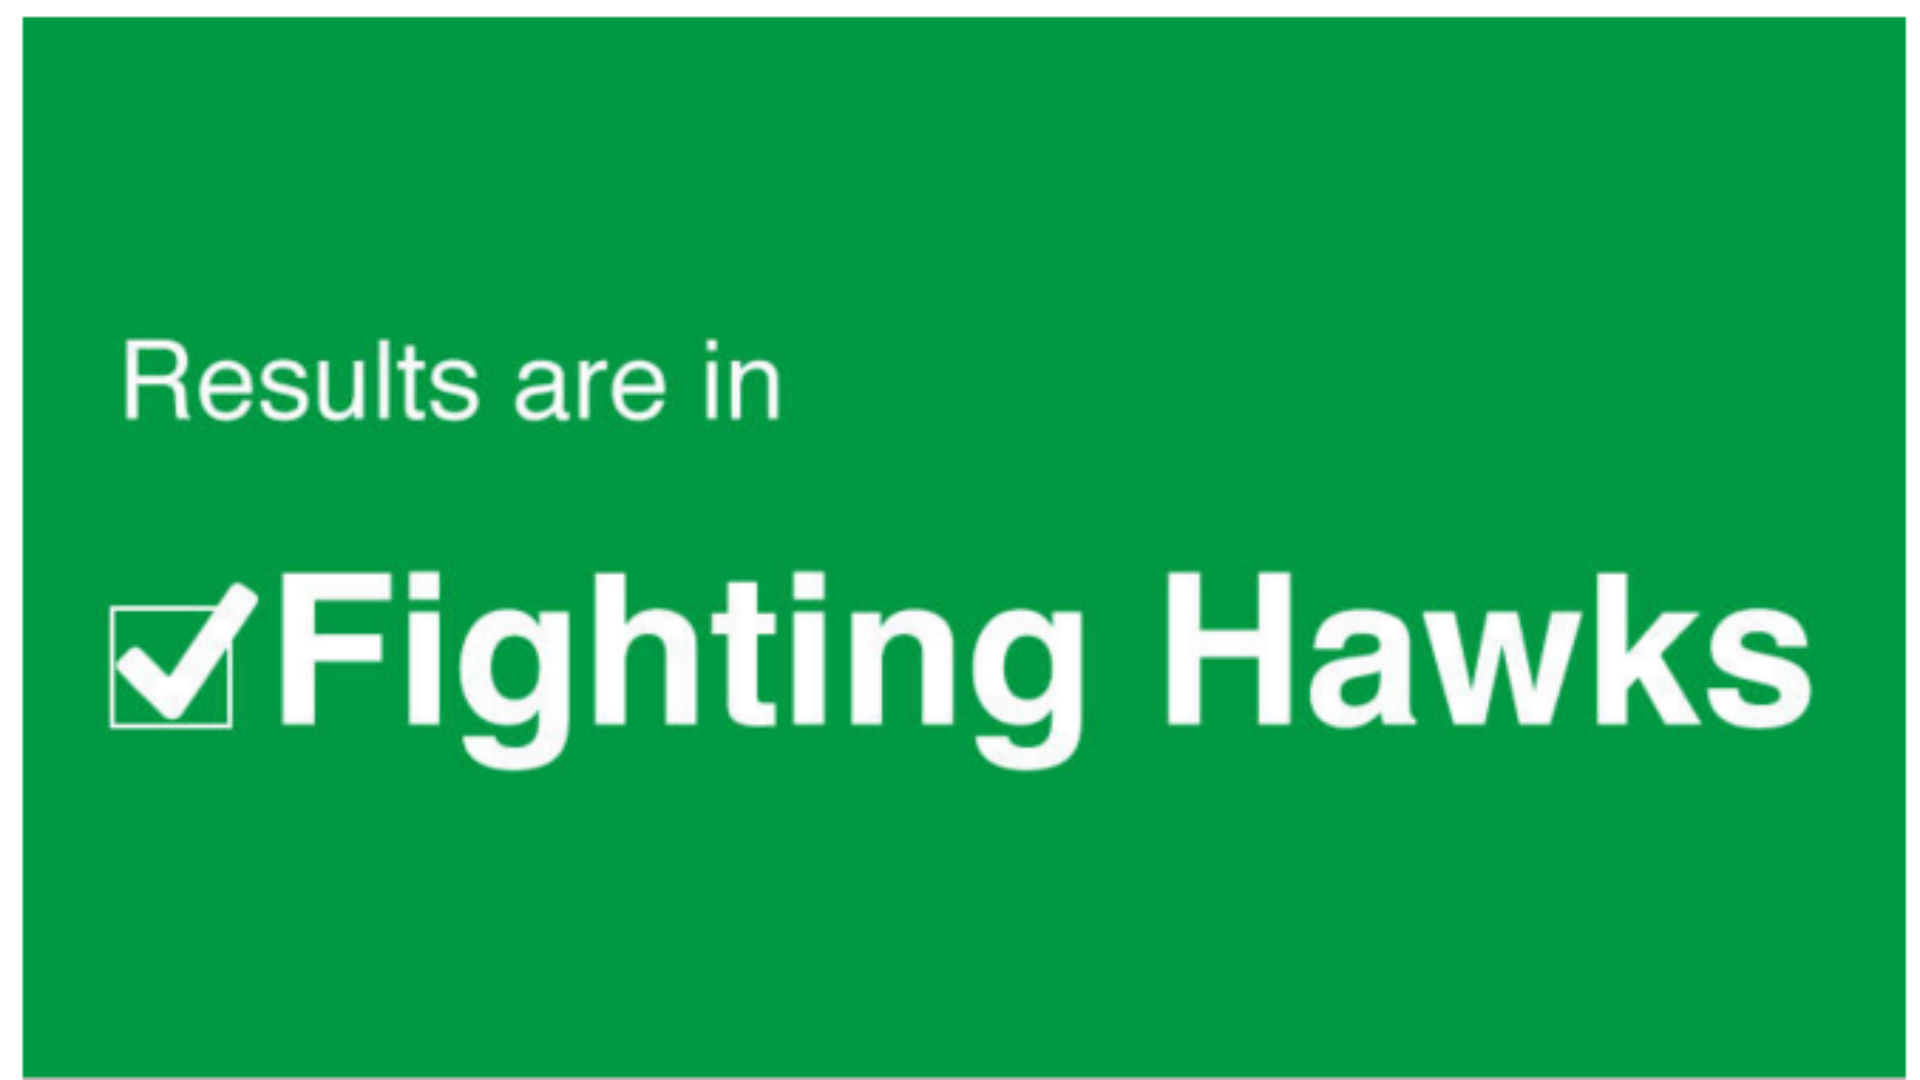 Fighting-Hawks-111815-nd-ftr